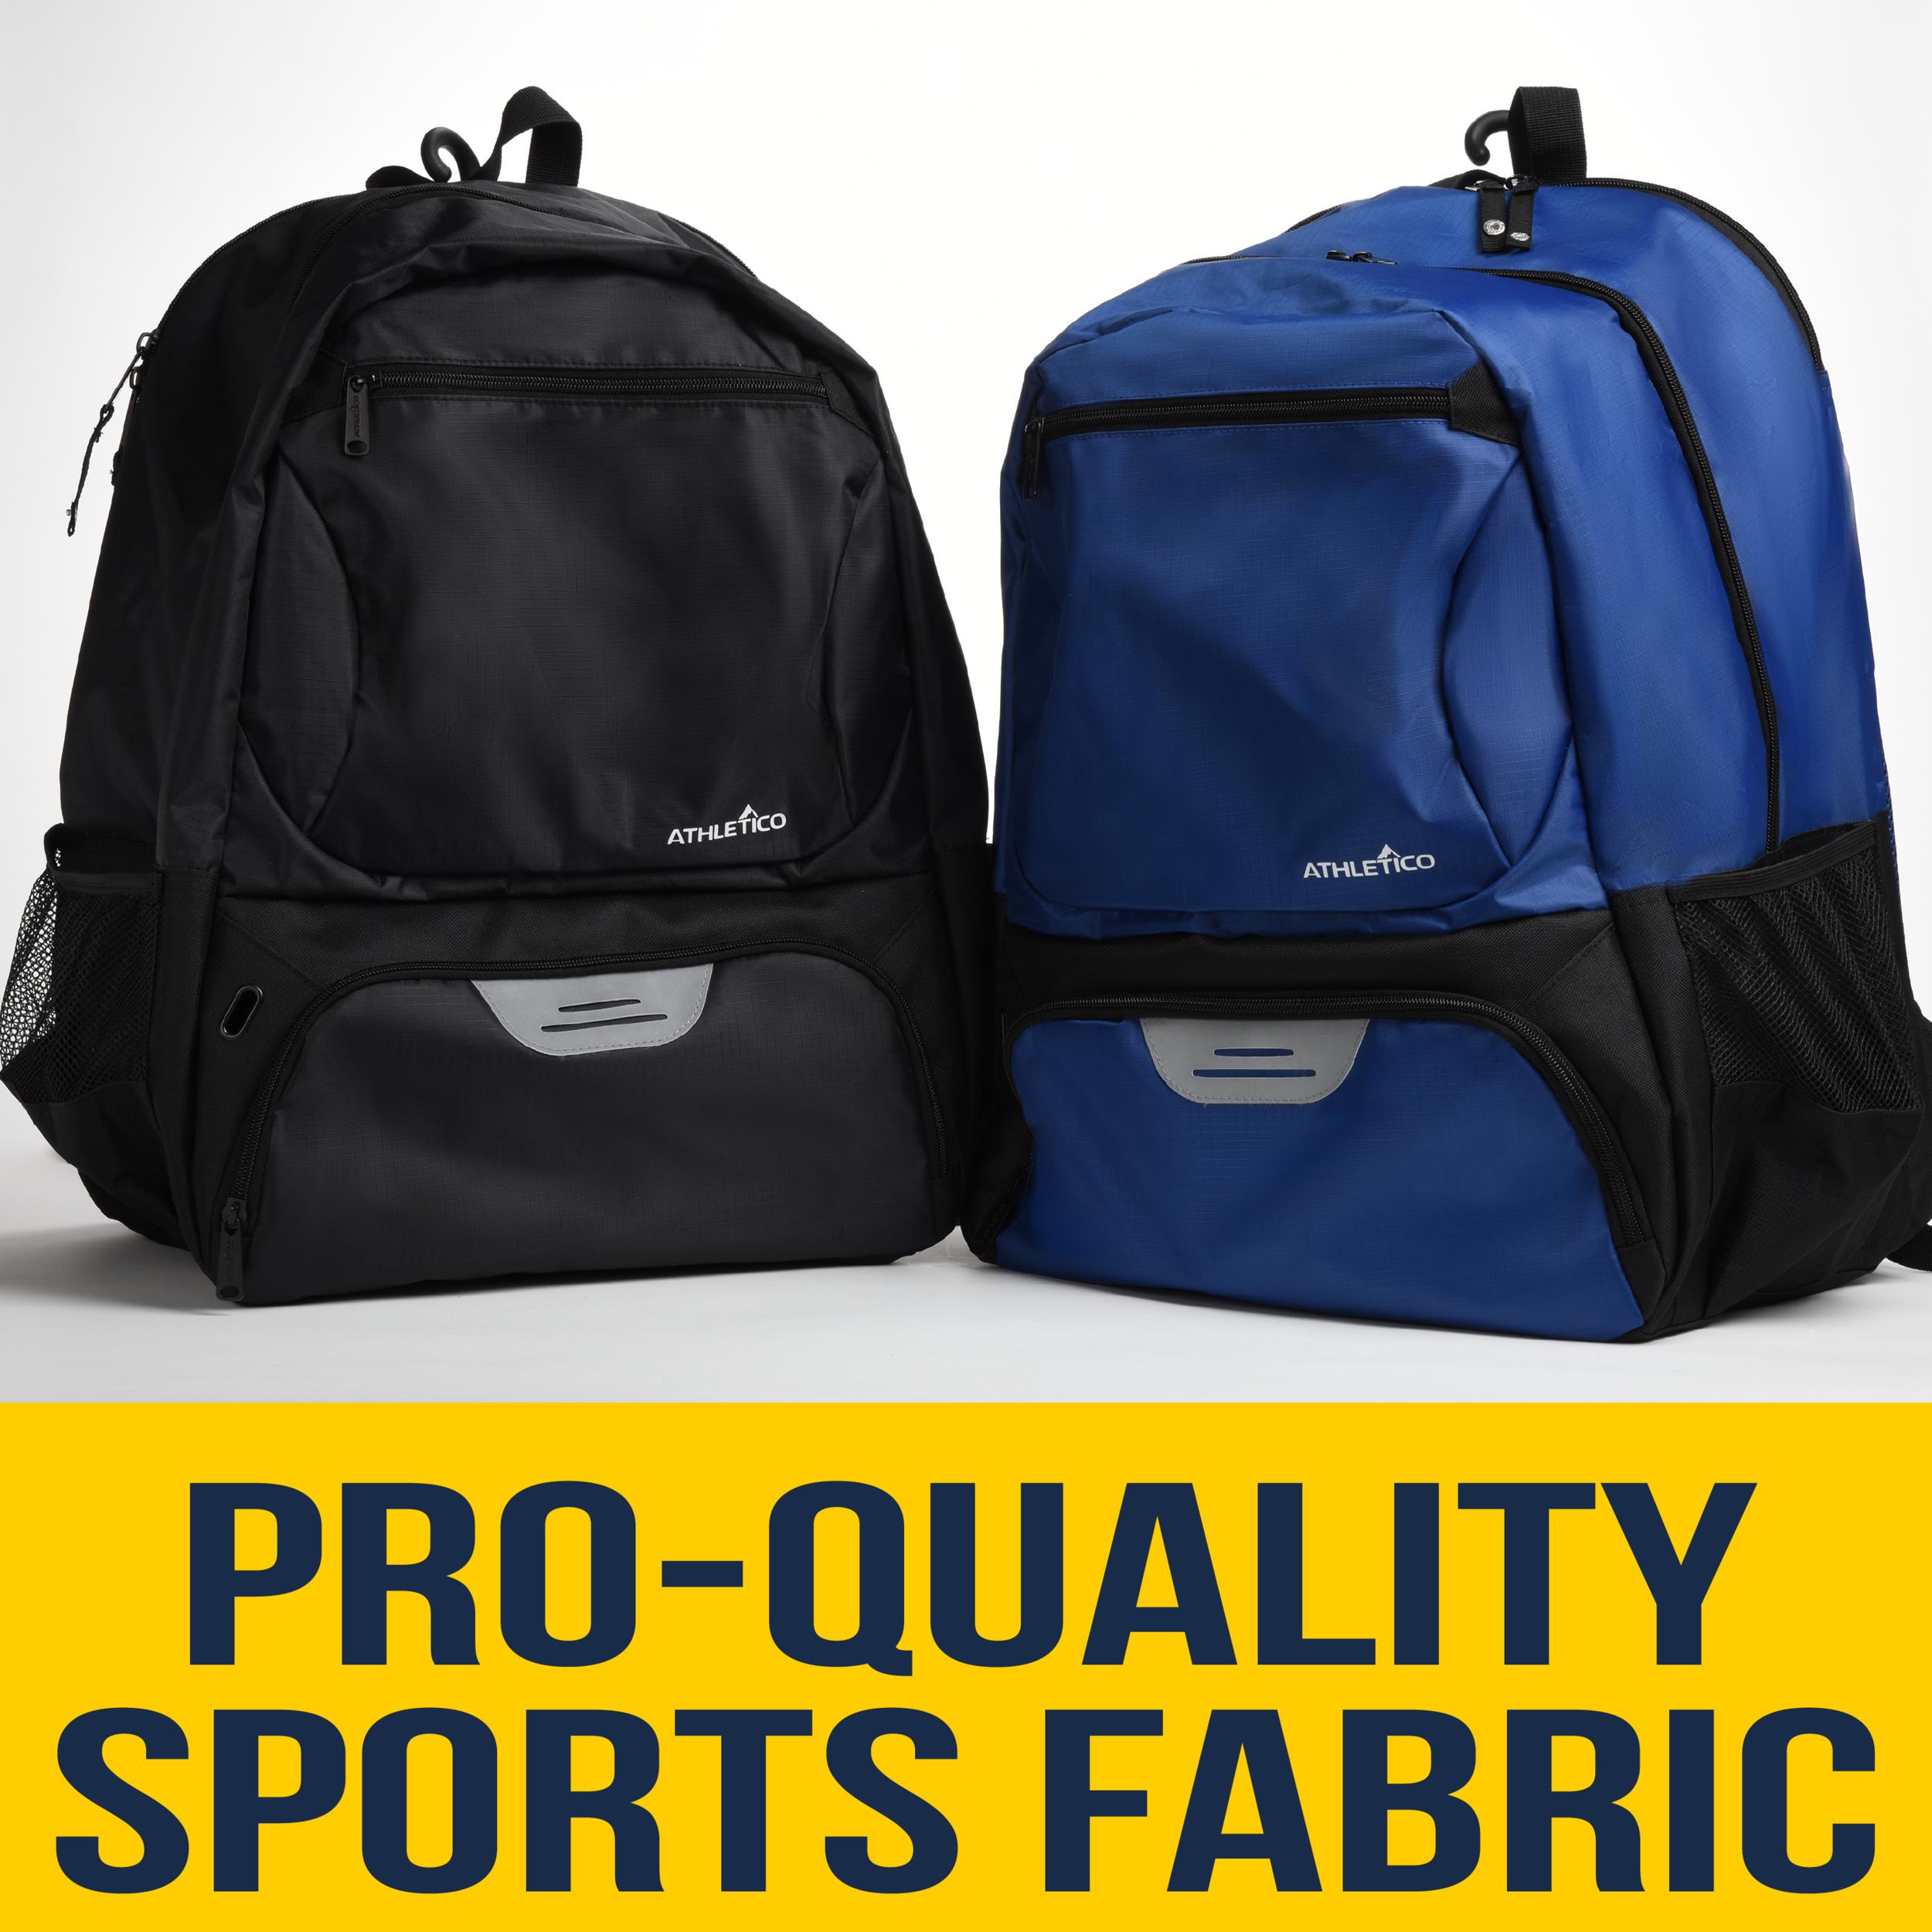 Premier Tennis Backpack Listing - Blk5.png